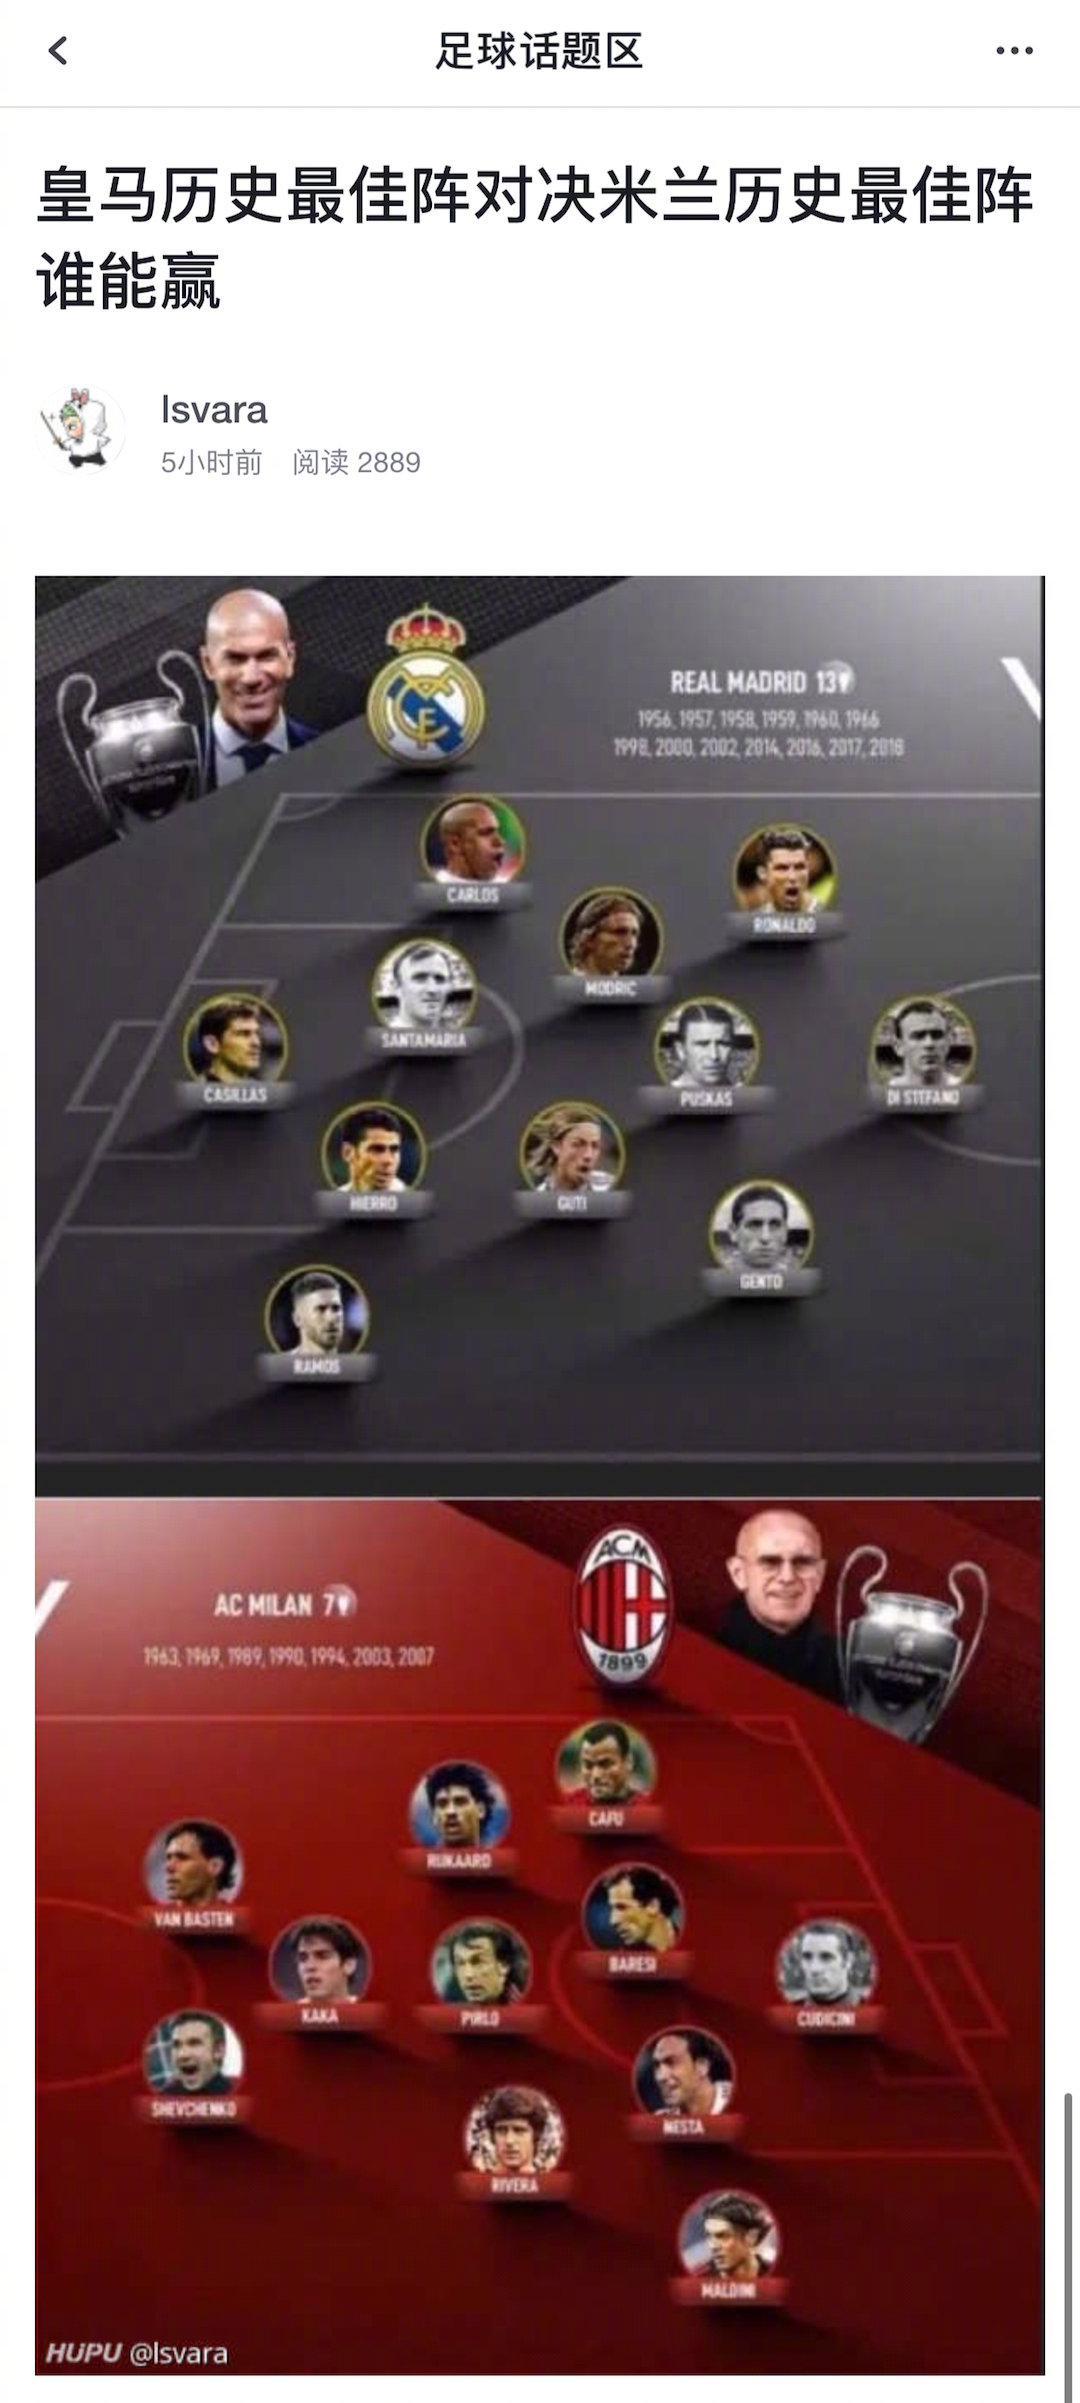 皇马和AC米兰队史最佳阵容PK,实战谁更强?